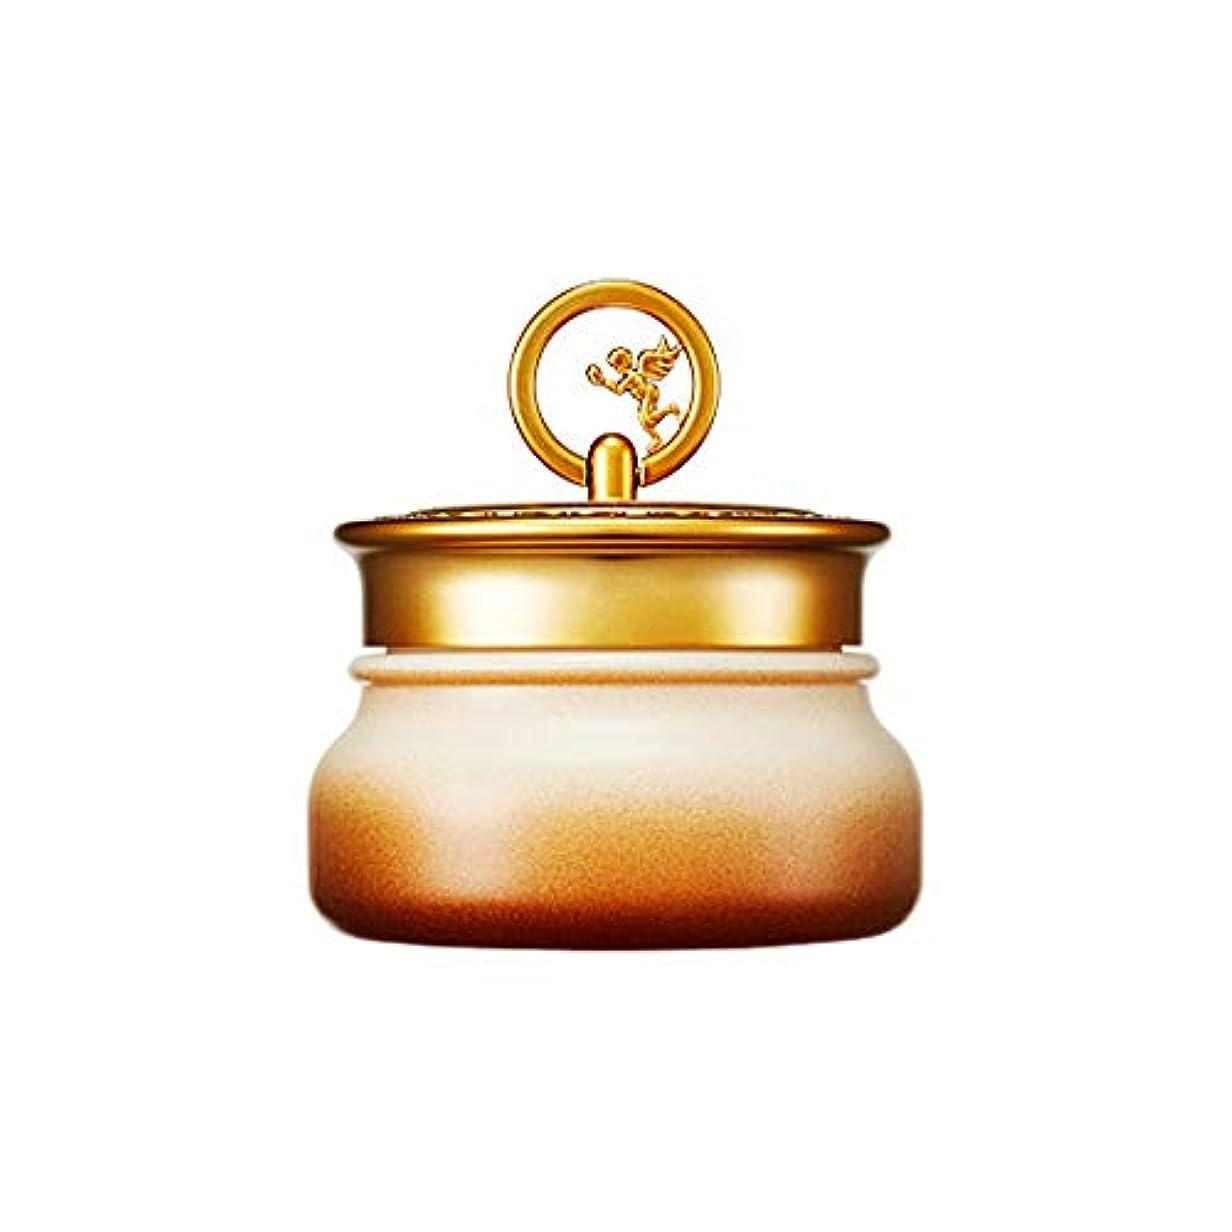 禁止スキップラリーSkinfood ゴールドキャビアクリーム(しわケア) / Gold Caviar Cream (wrinkle care) 45g [並行輸入品]